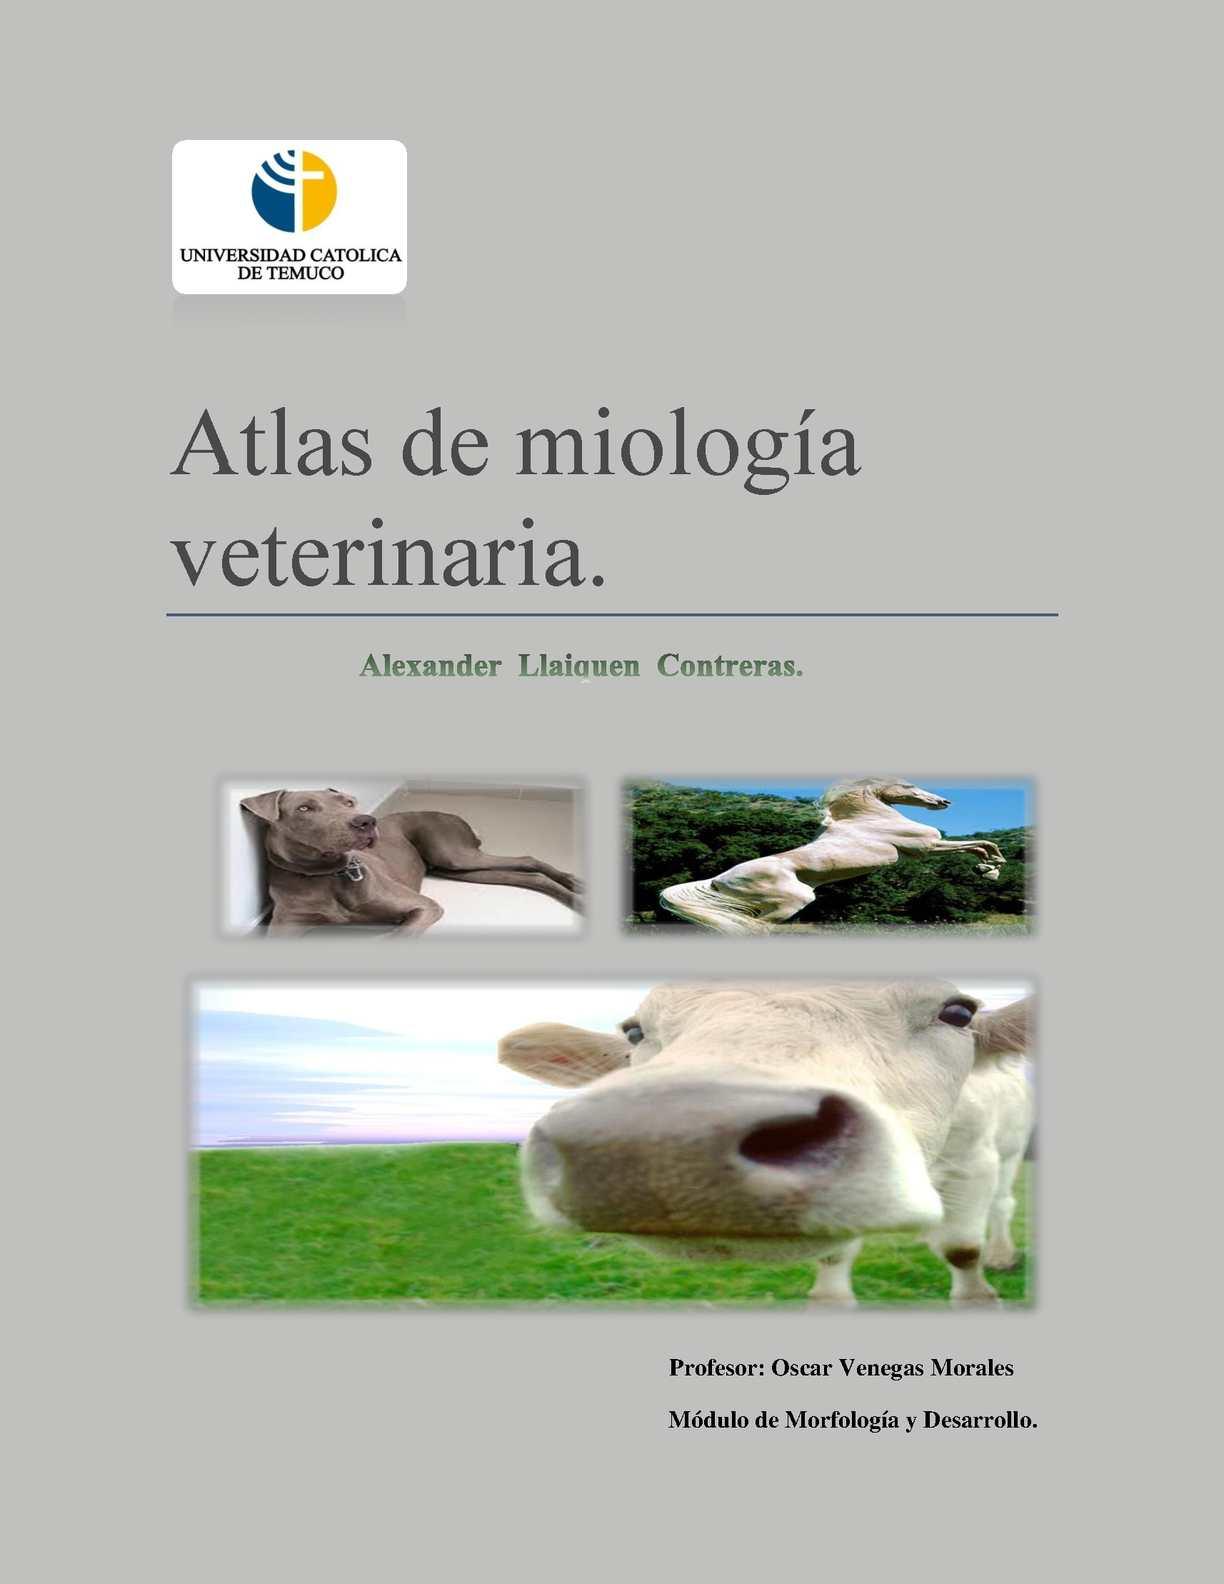 Calaméo - Atlas de Miologia Veterinaria ( bovino,equino y canino).